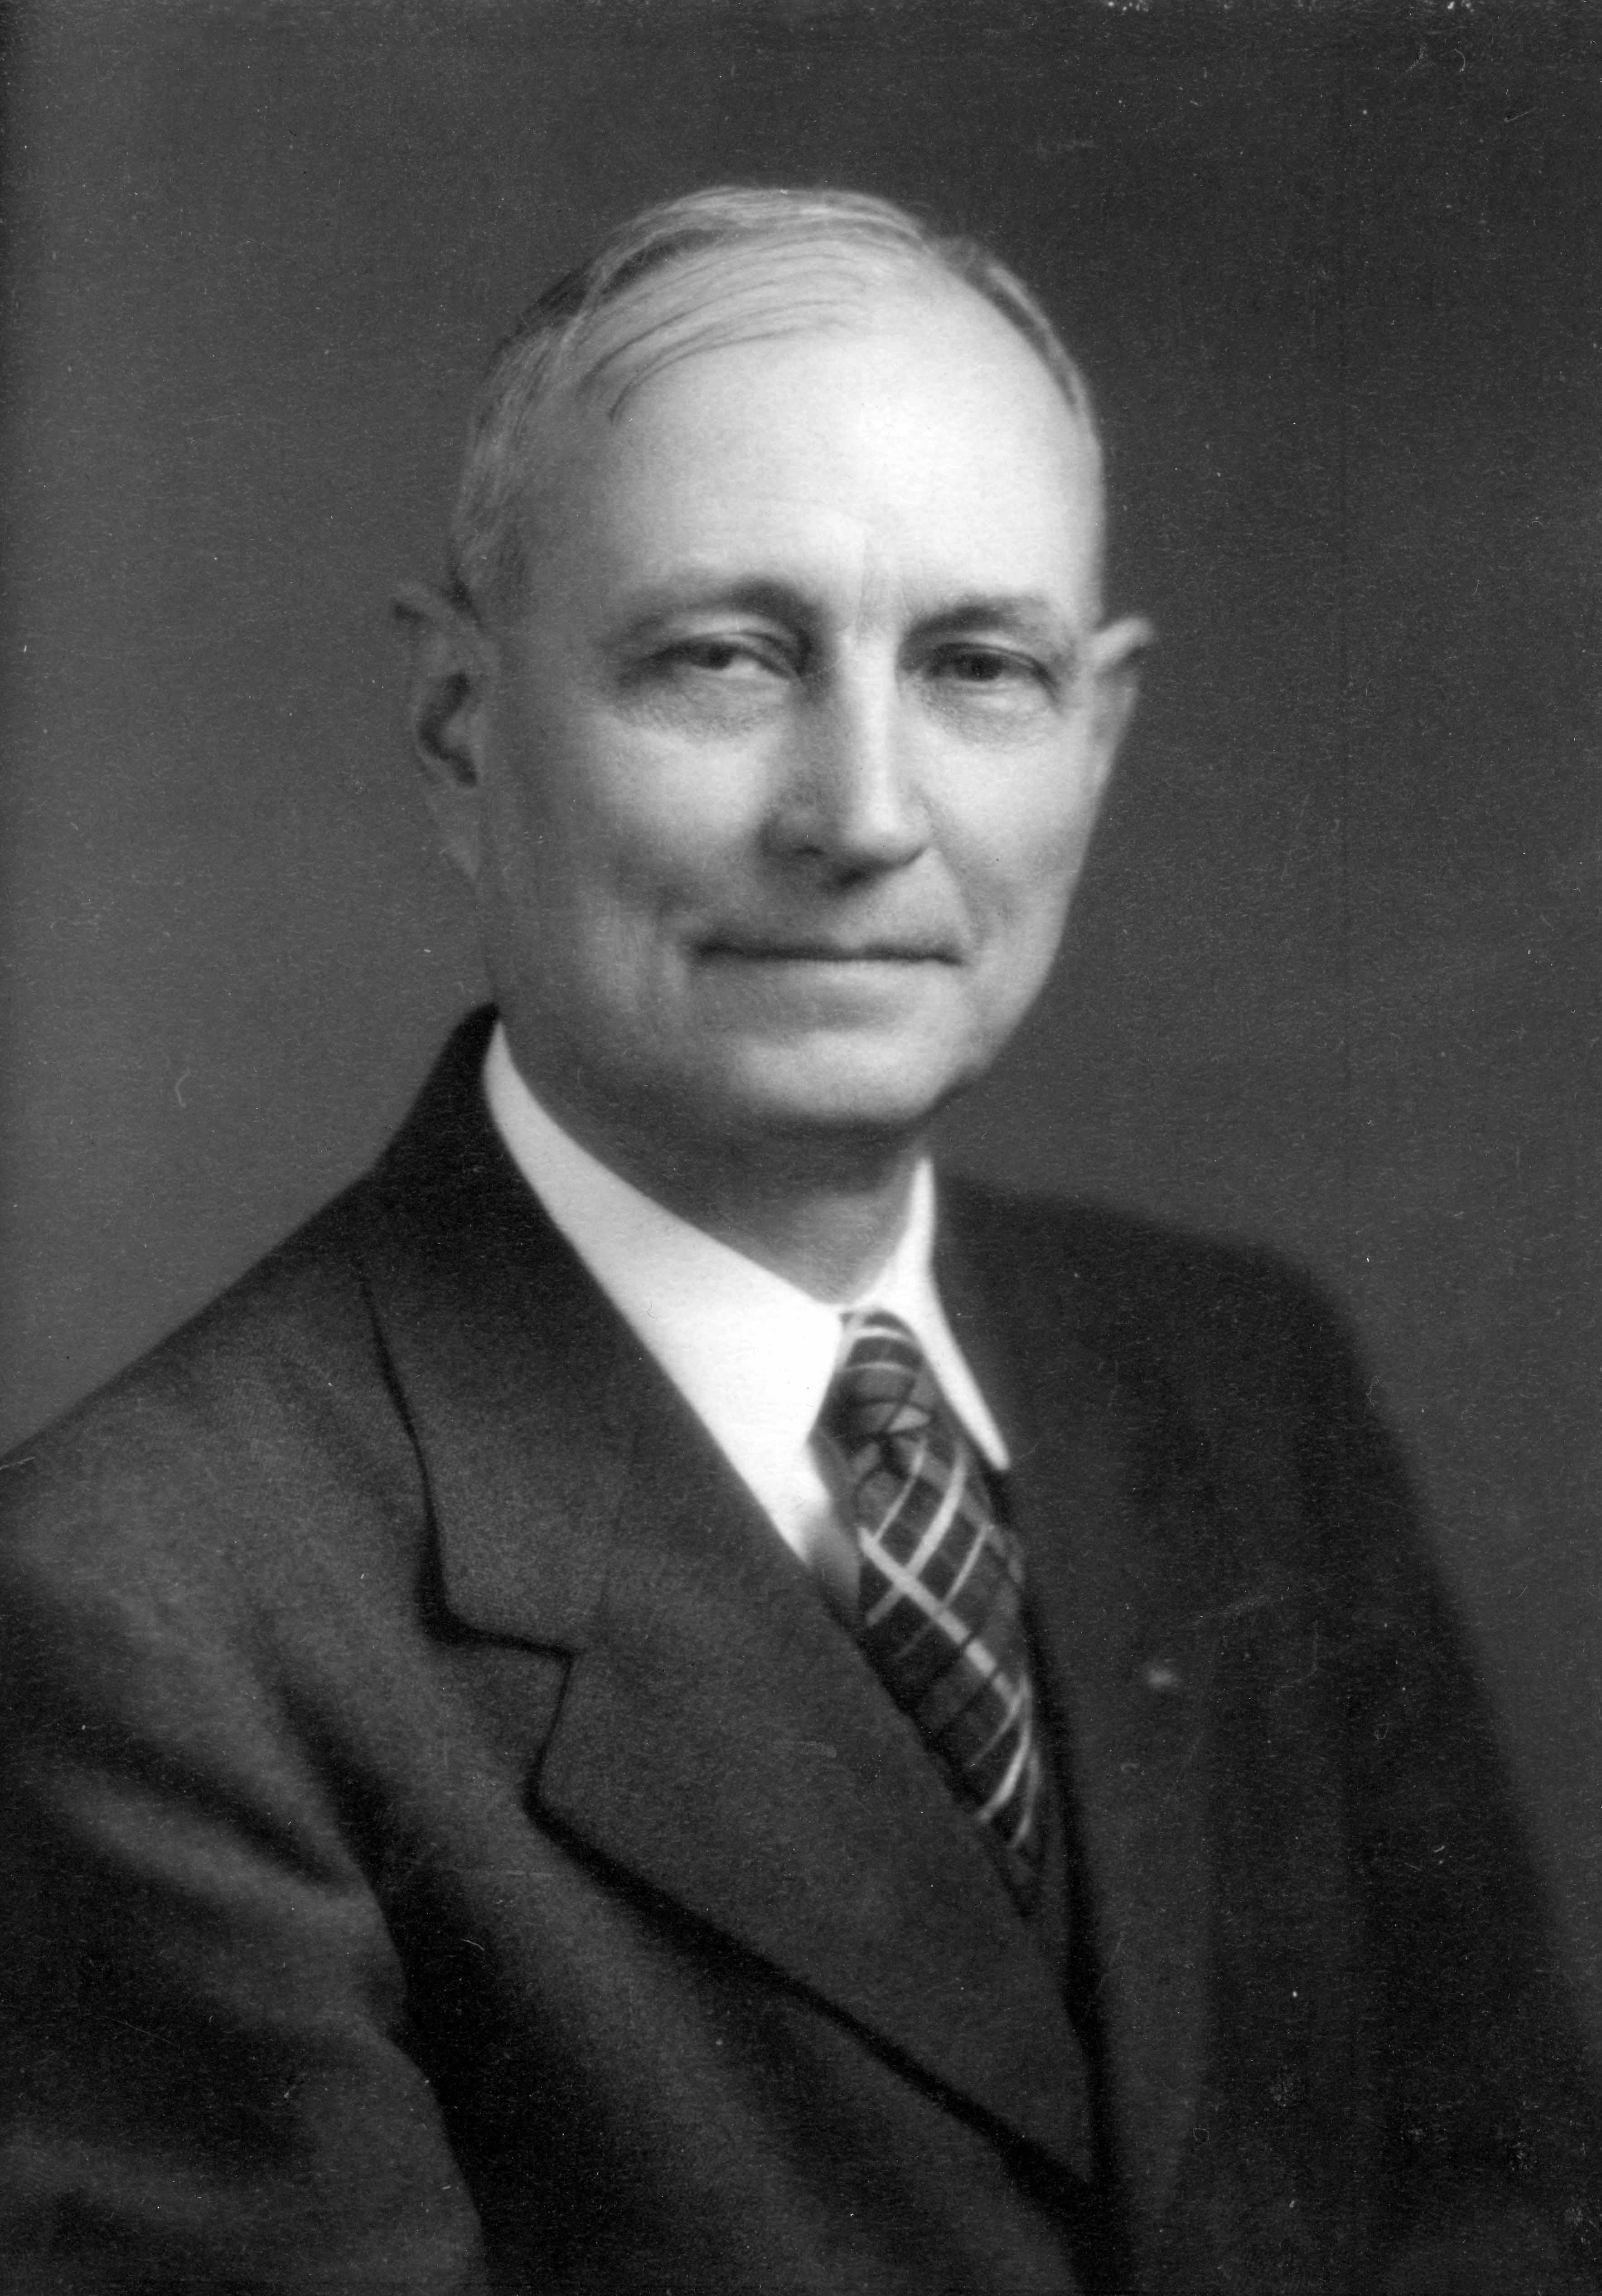 Dudley Brainard, 1940s